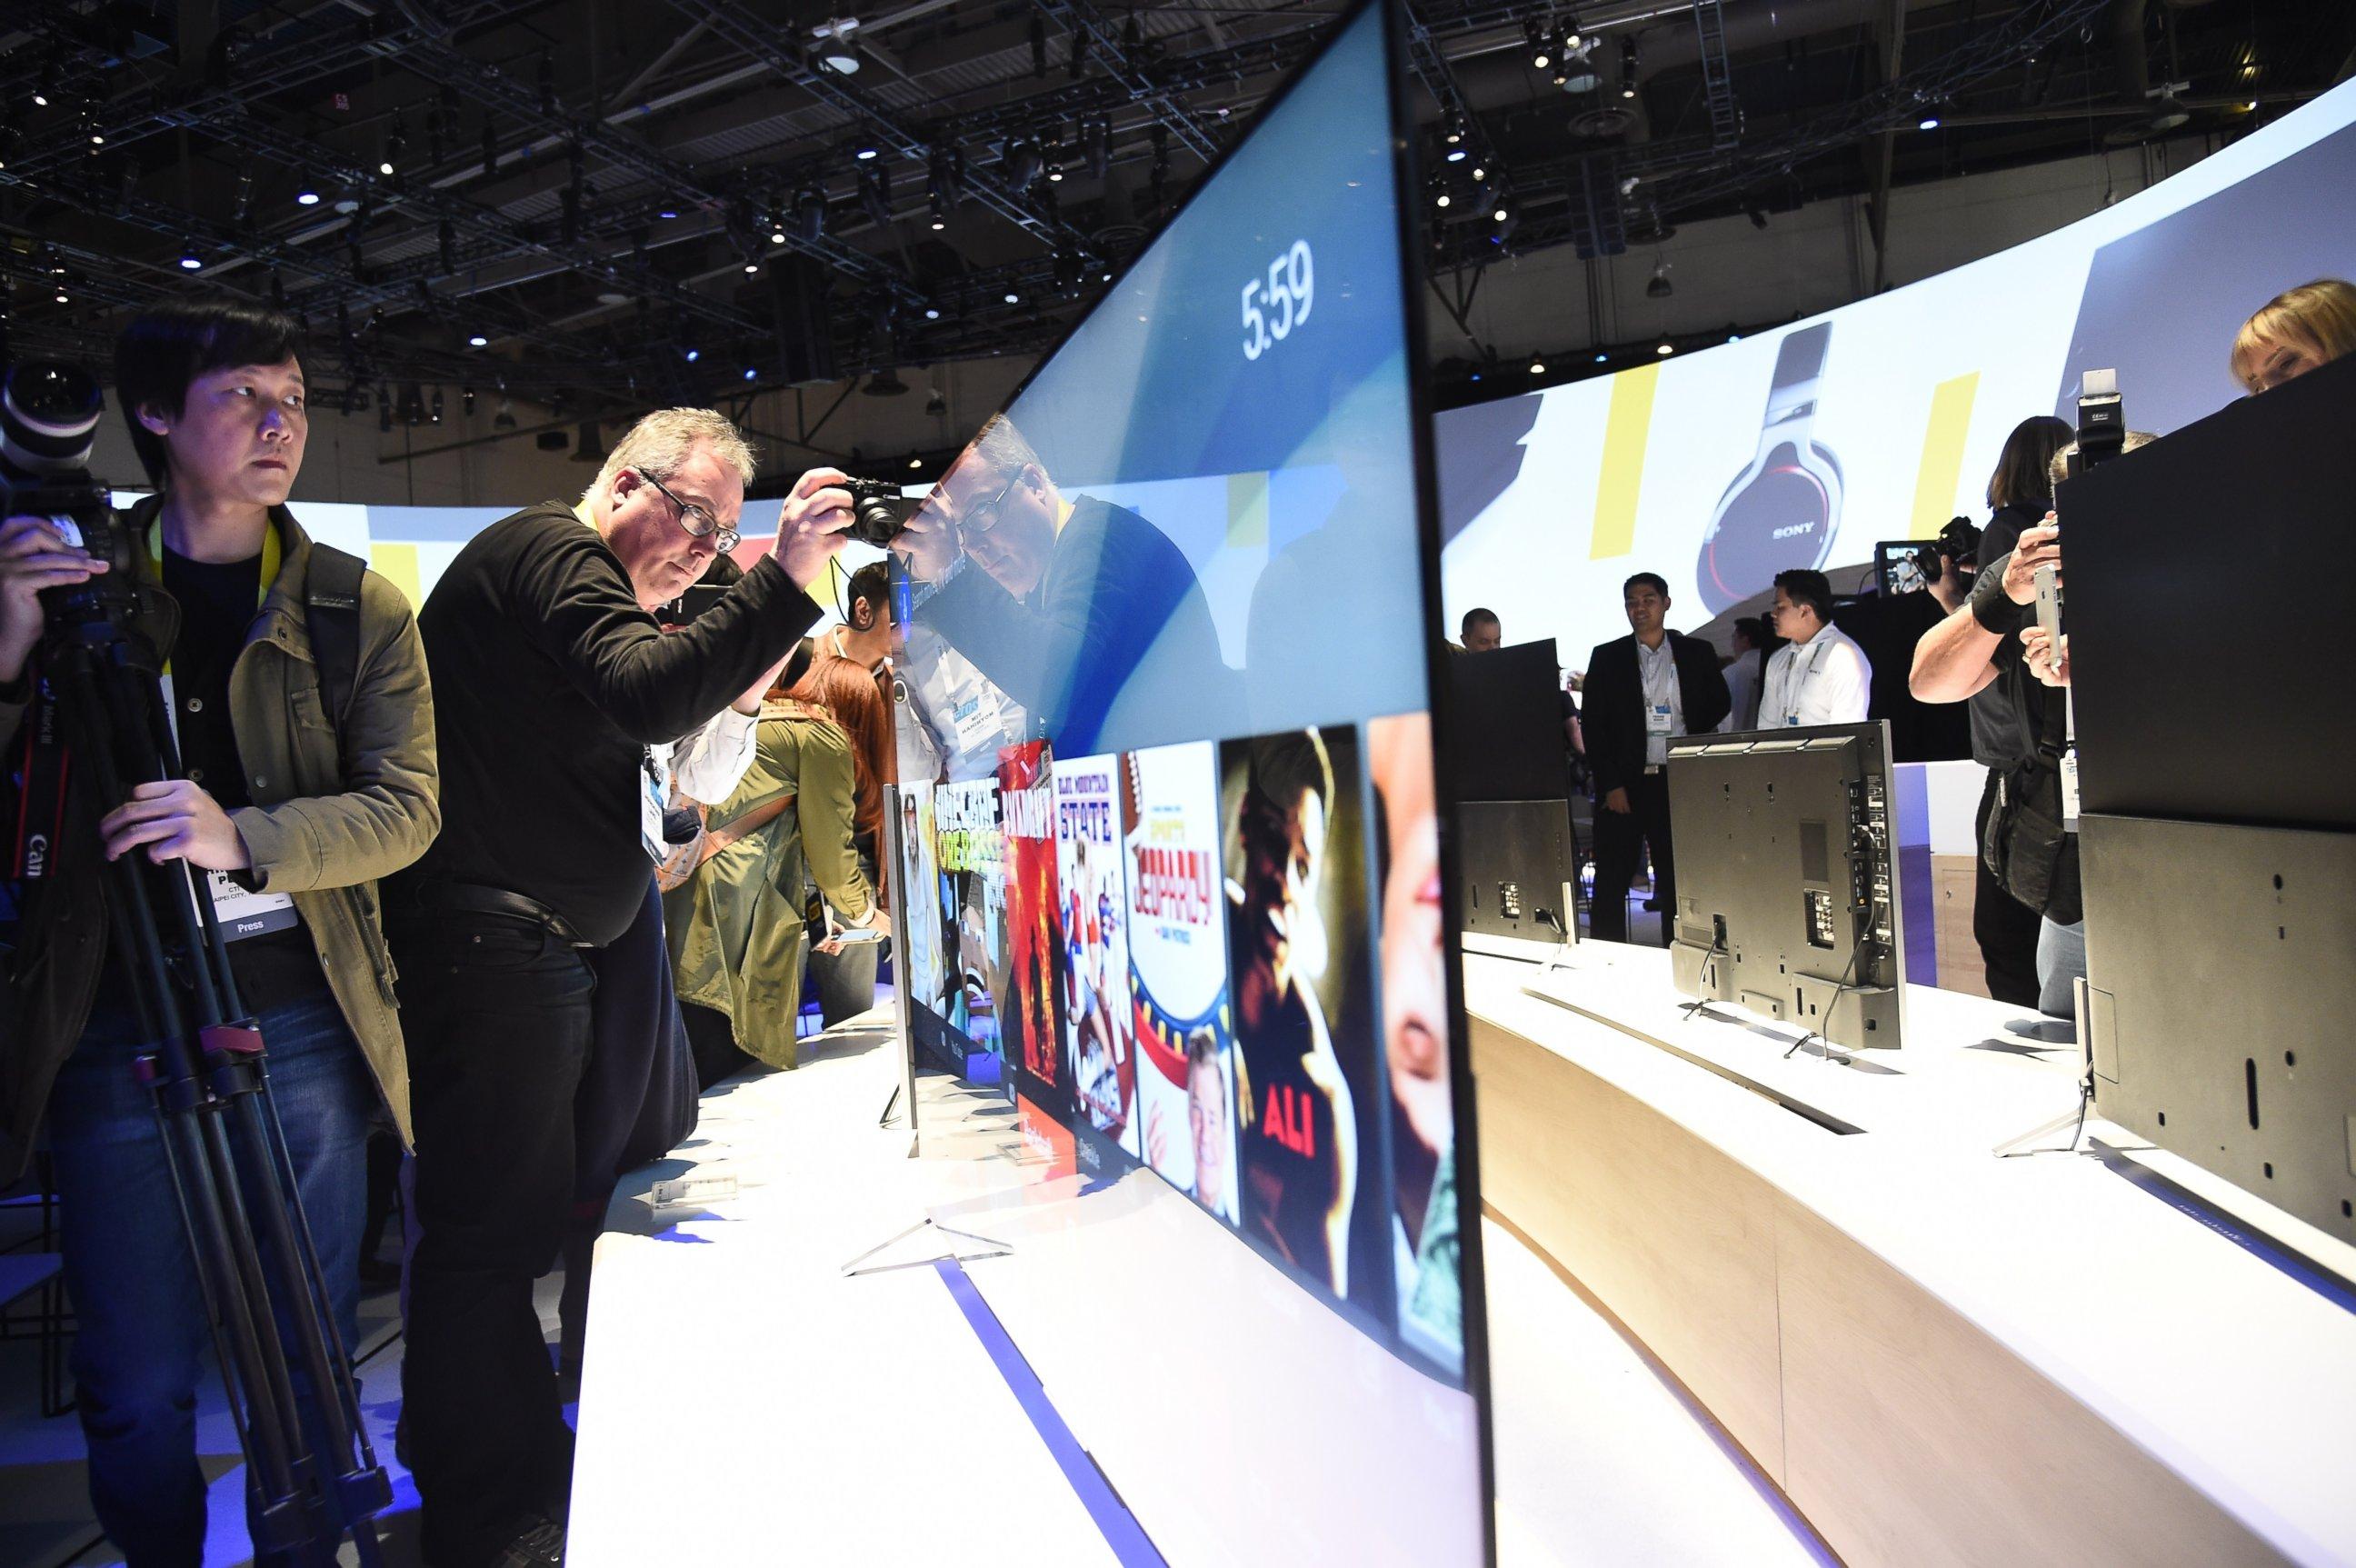 6fa904bba74 Sony prépare le lancement de ses TV 4K sous Android TV - FrAndroid